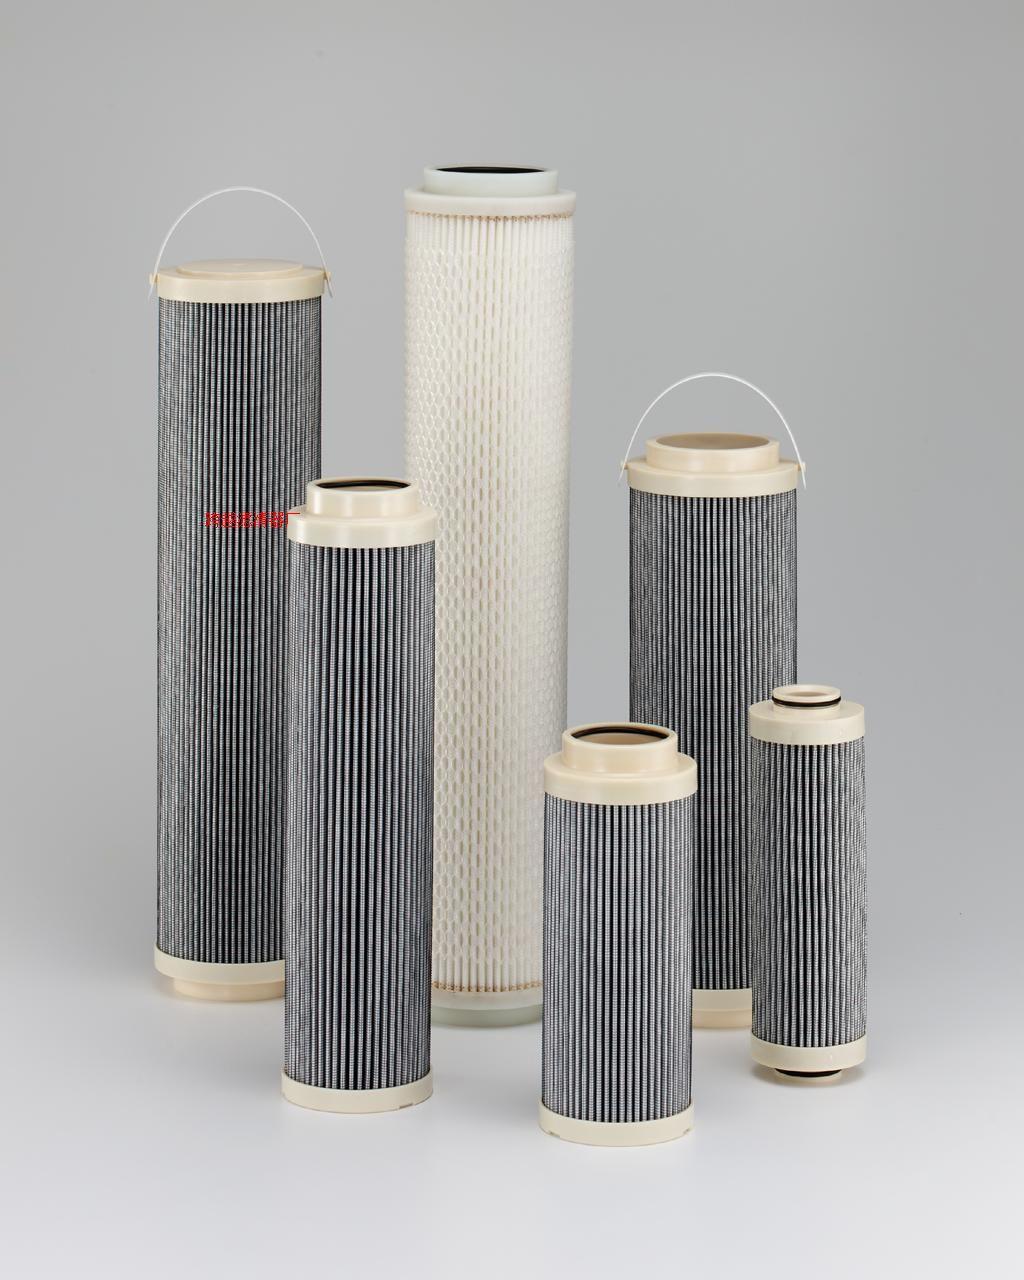 壓縮機濾芯,費列加濾芯,精密過濾器濾芯,阿特拉斯空壓機濾芯,康普艾濾芯